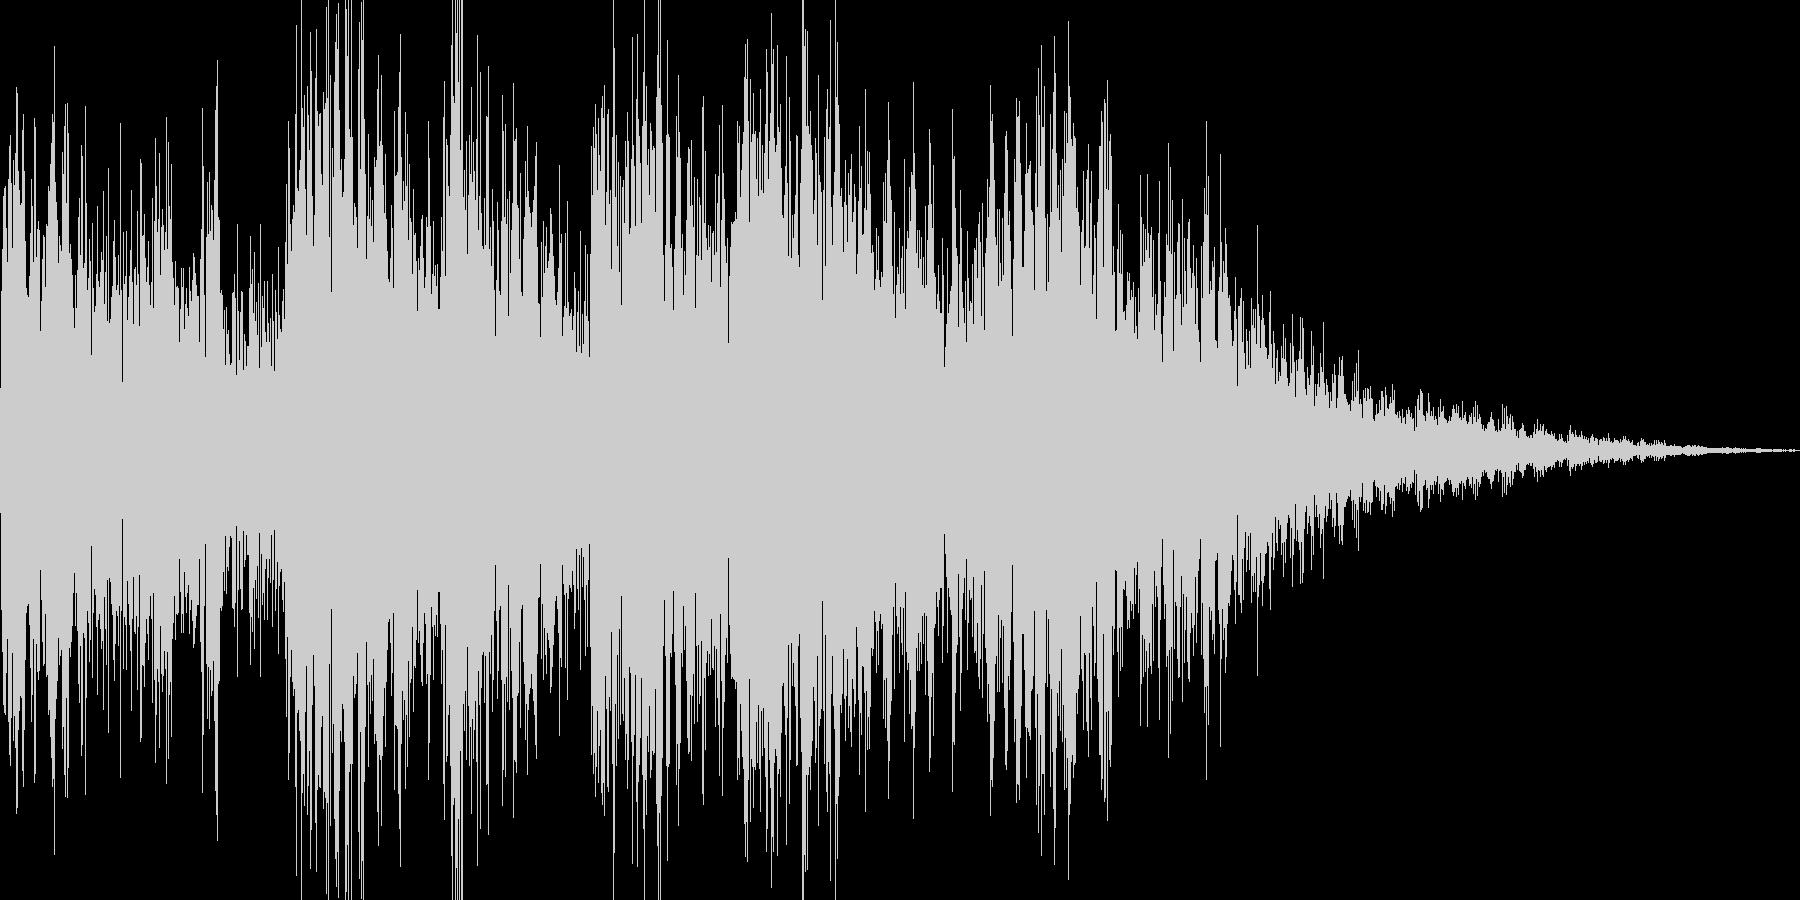 ビヨビヨビヨ(パワーアップ ビーム)の未再生の波形